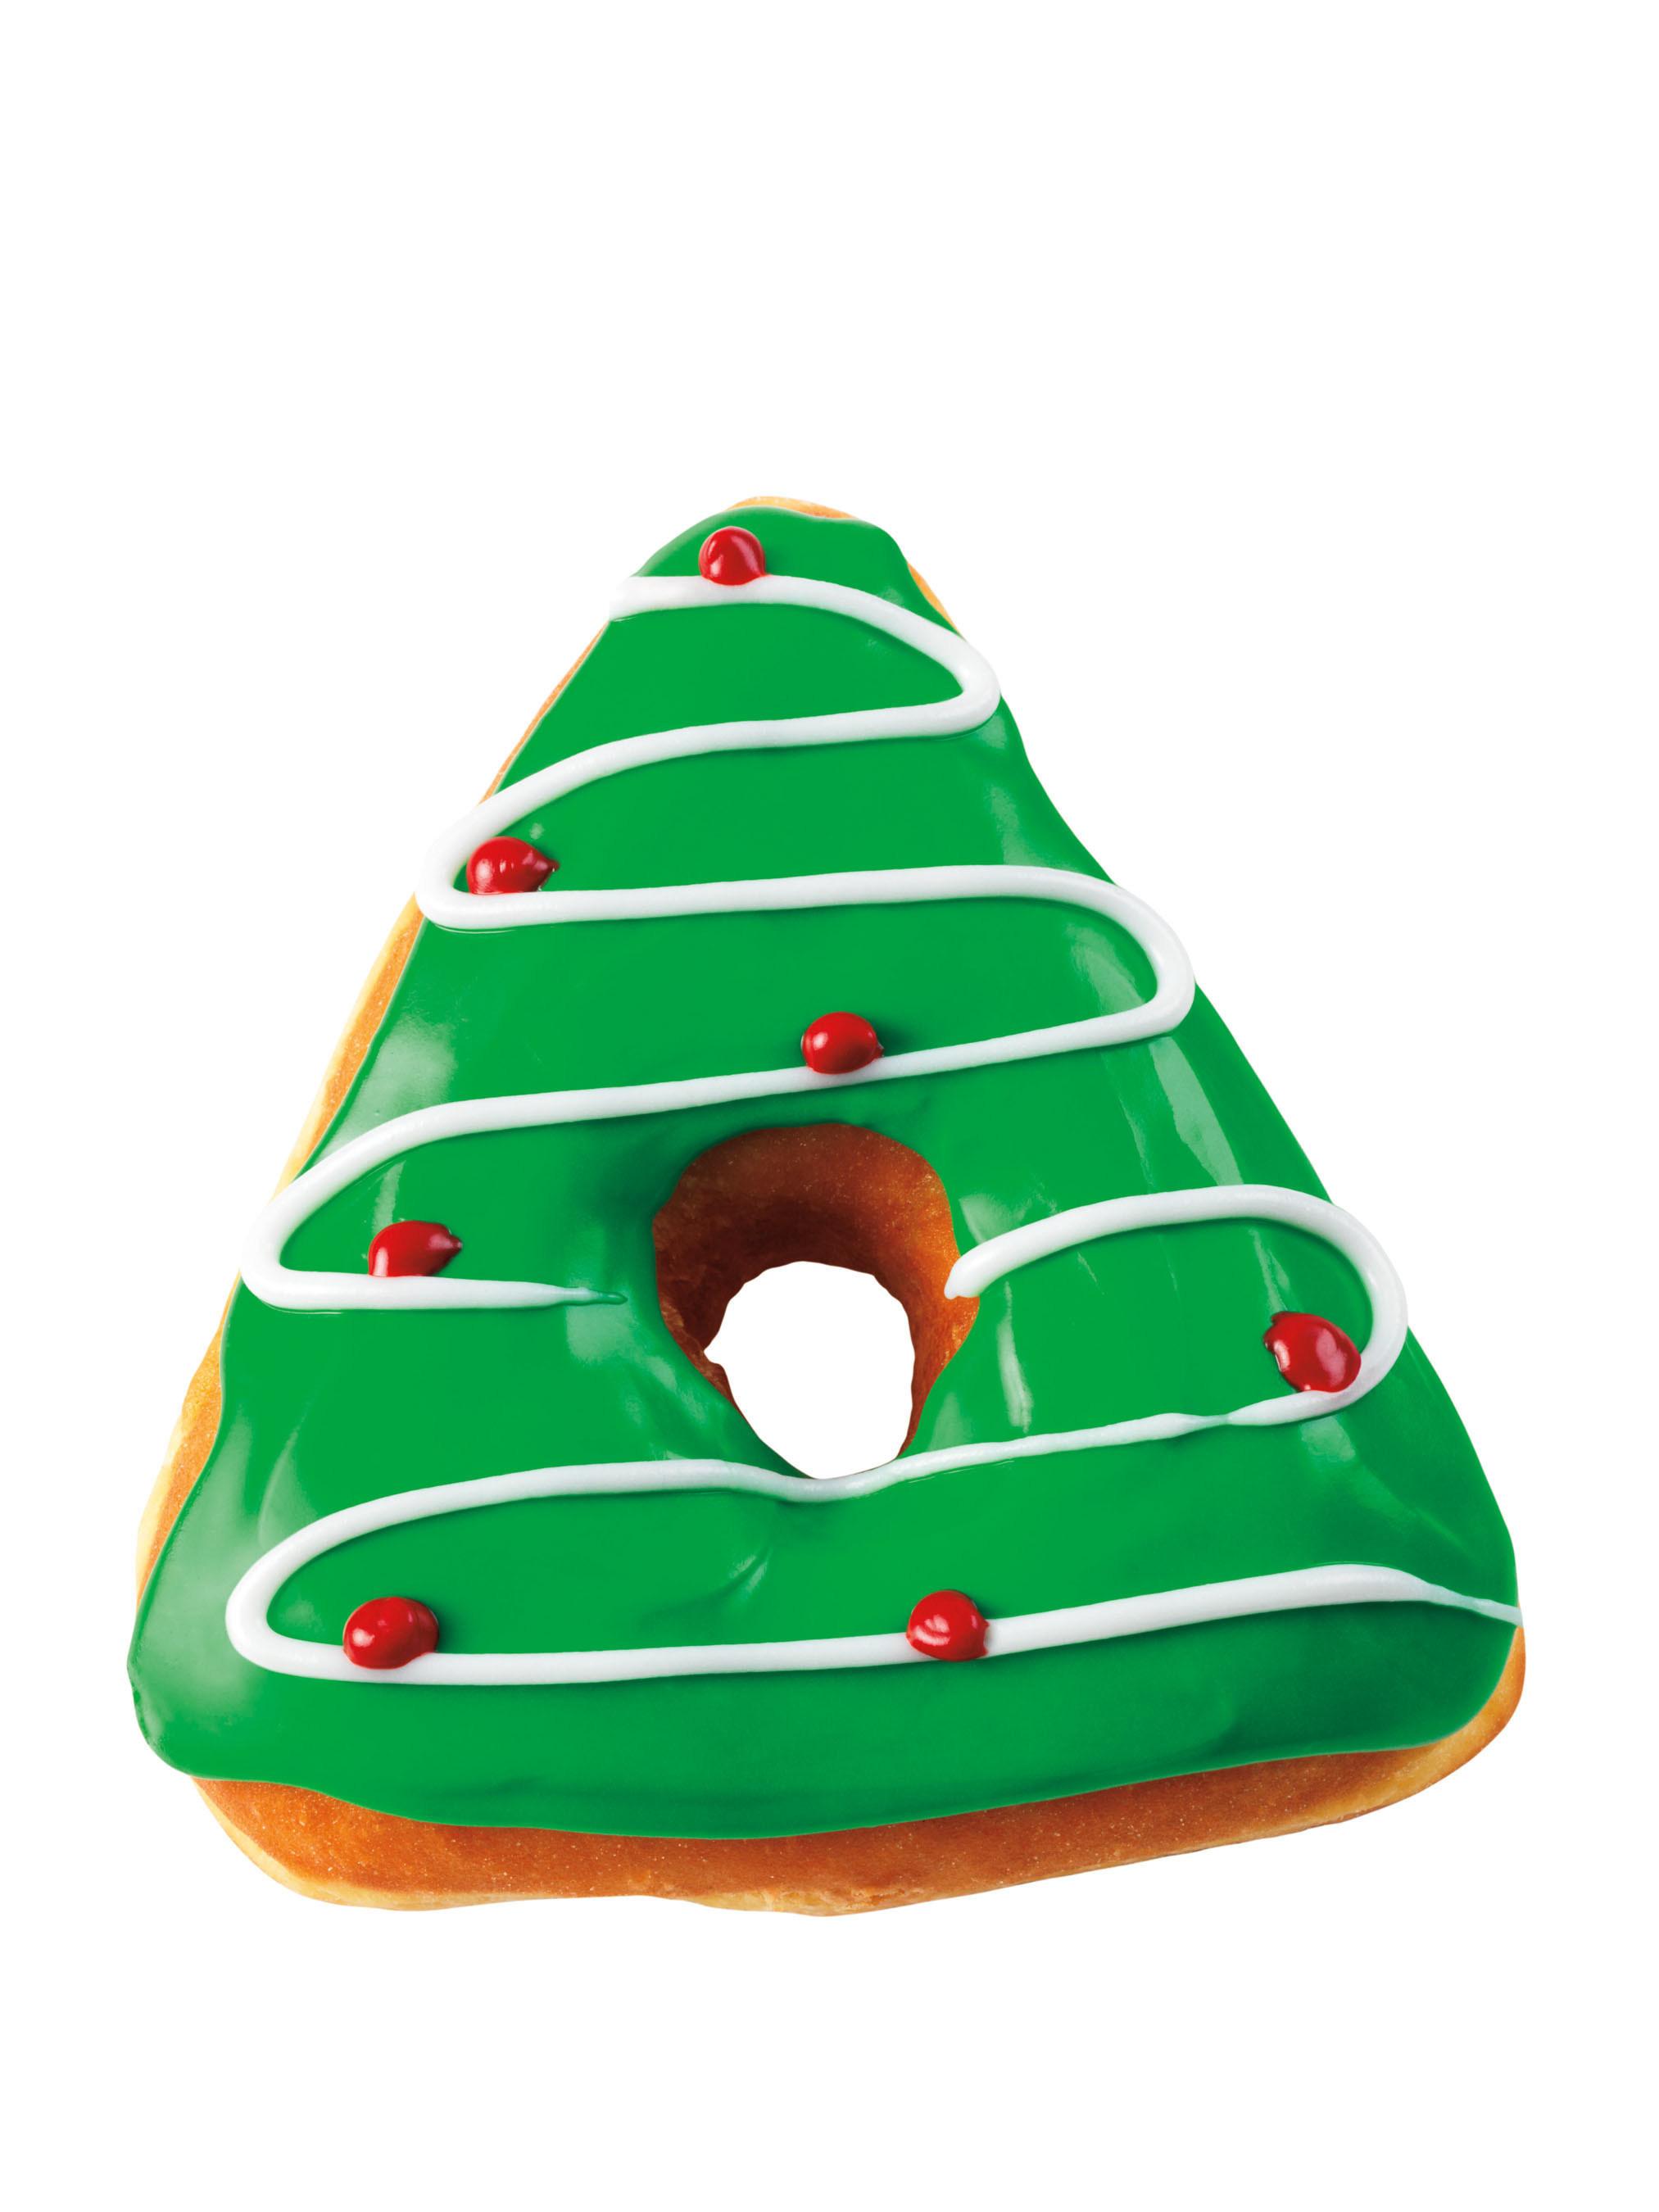 Dunkin' Donuts открывает сезон зимних праздников специальным рождественским пончиком